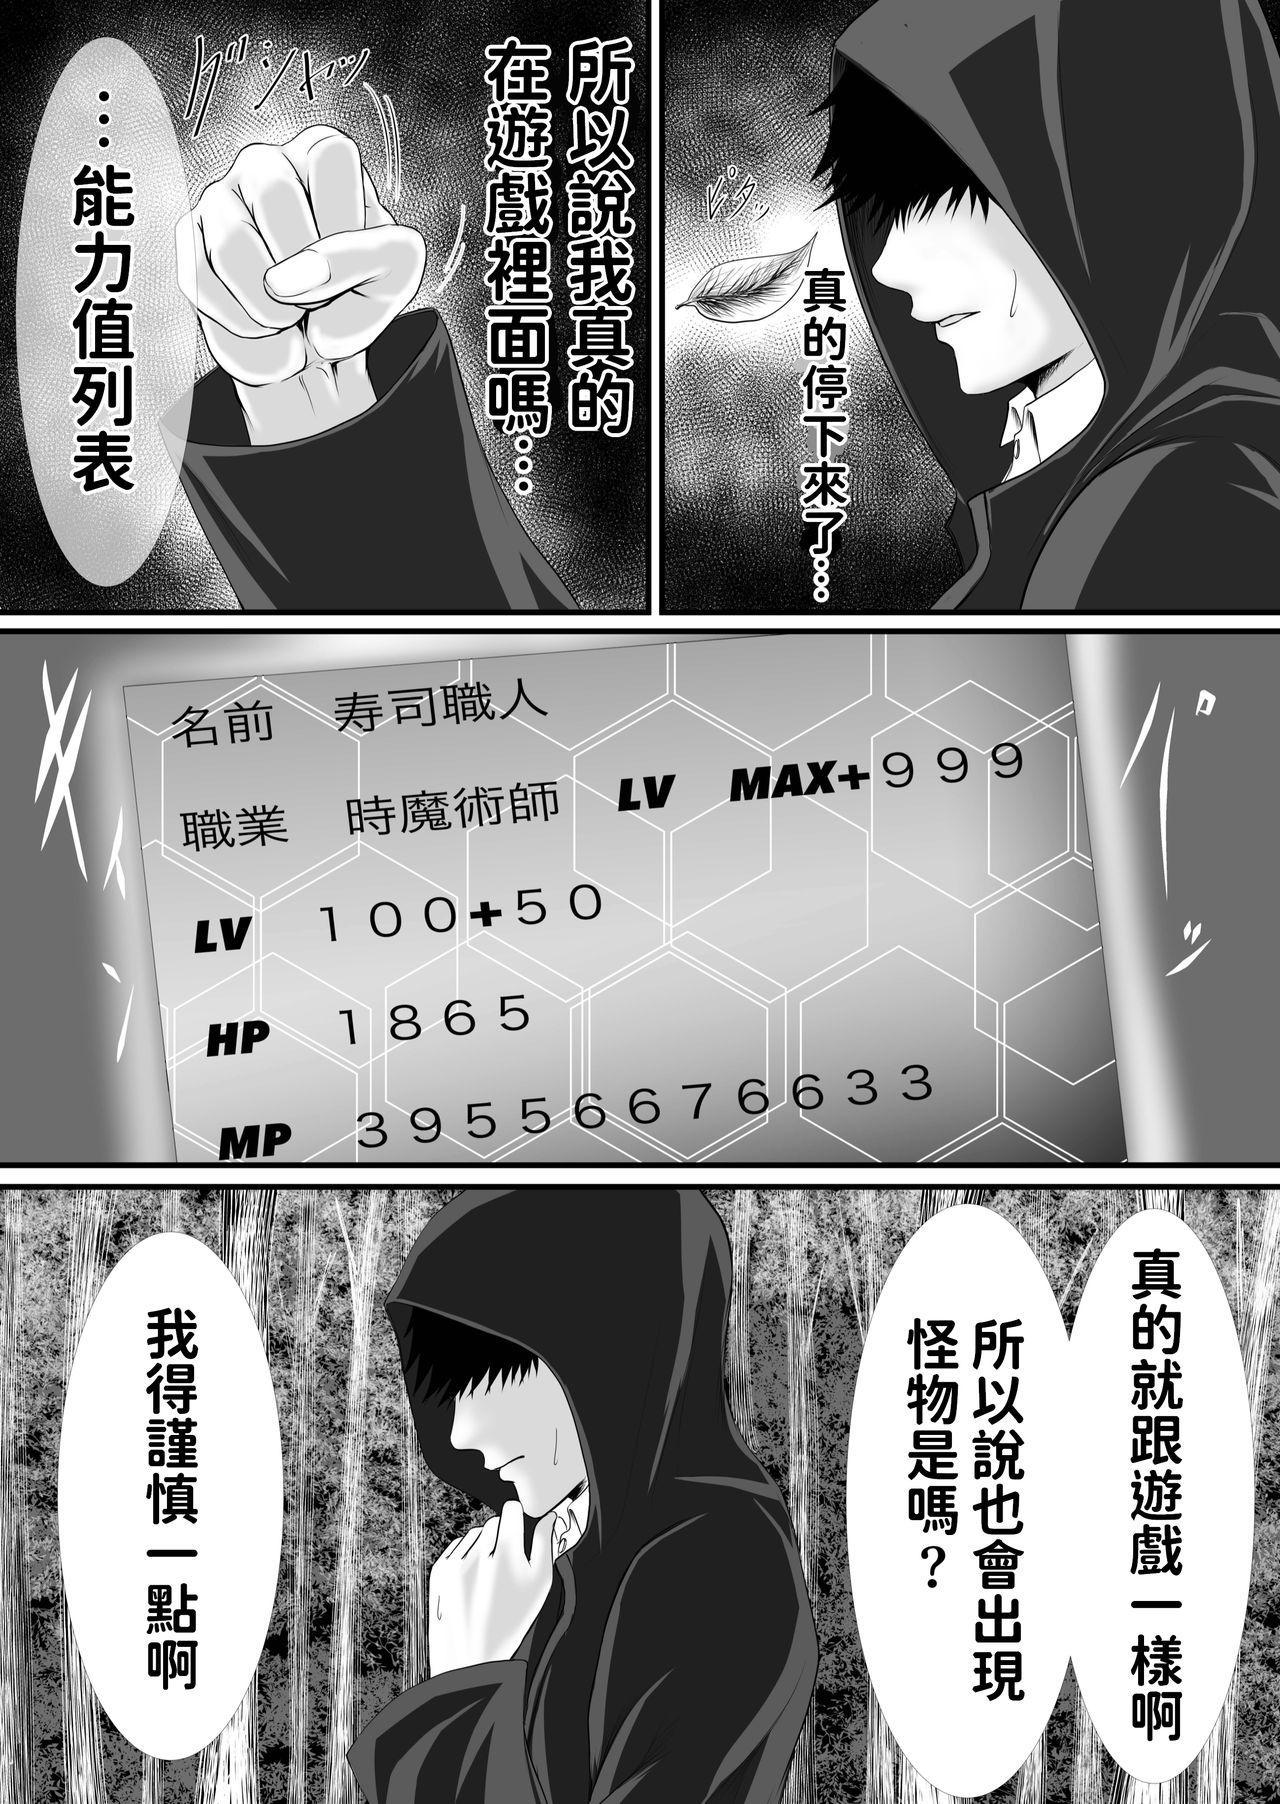 Isekai de nara Warui Onna wa Han Shihoudai nano Kamoshirenai 3